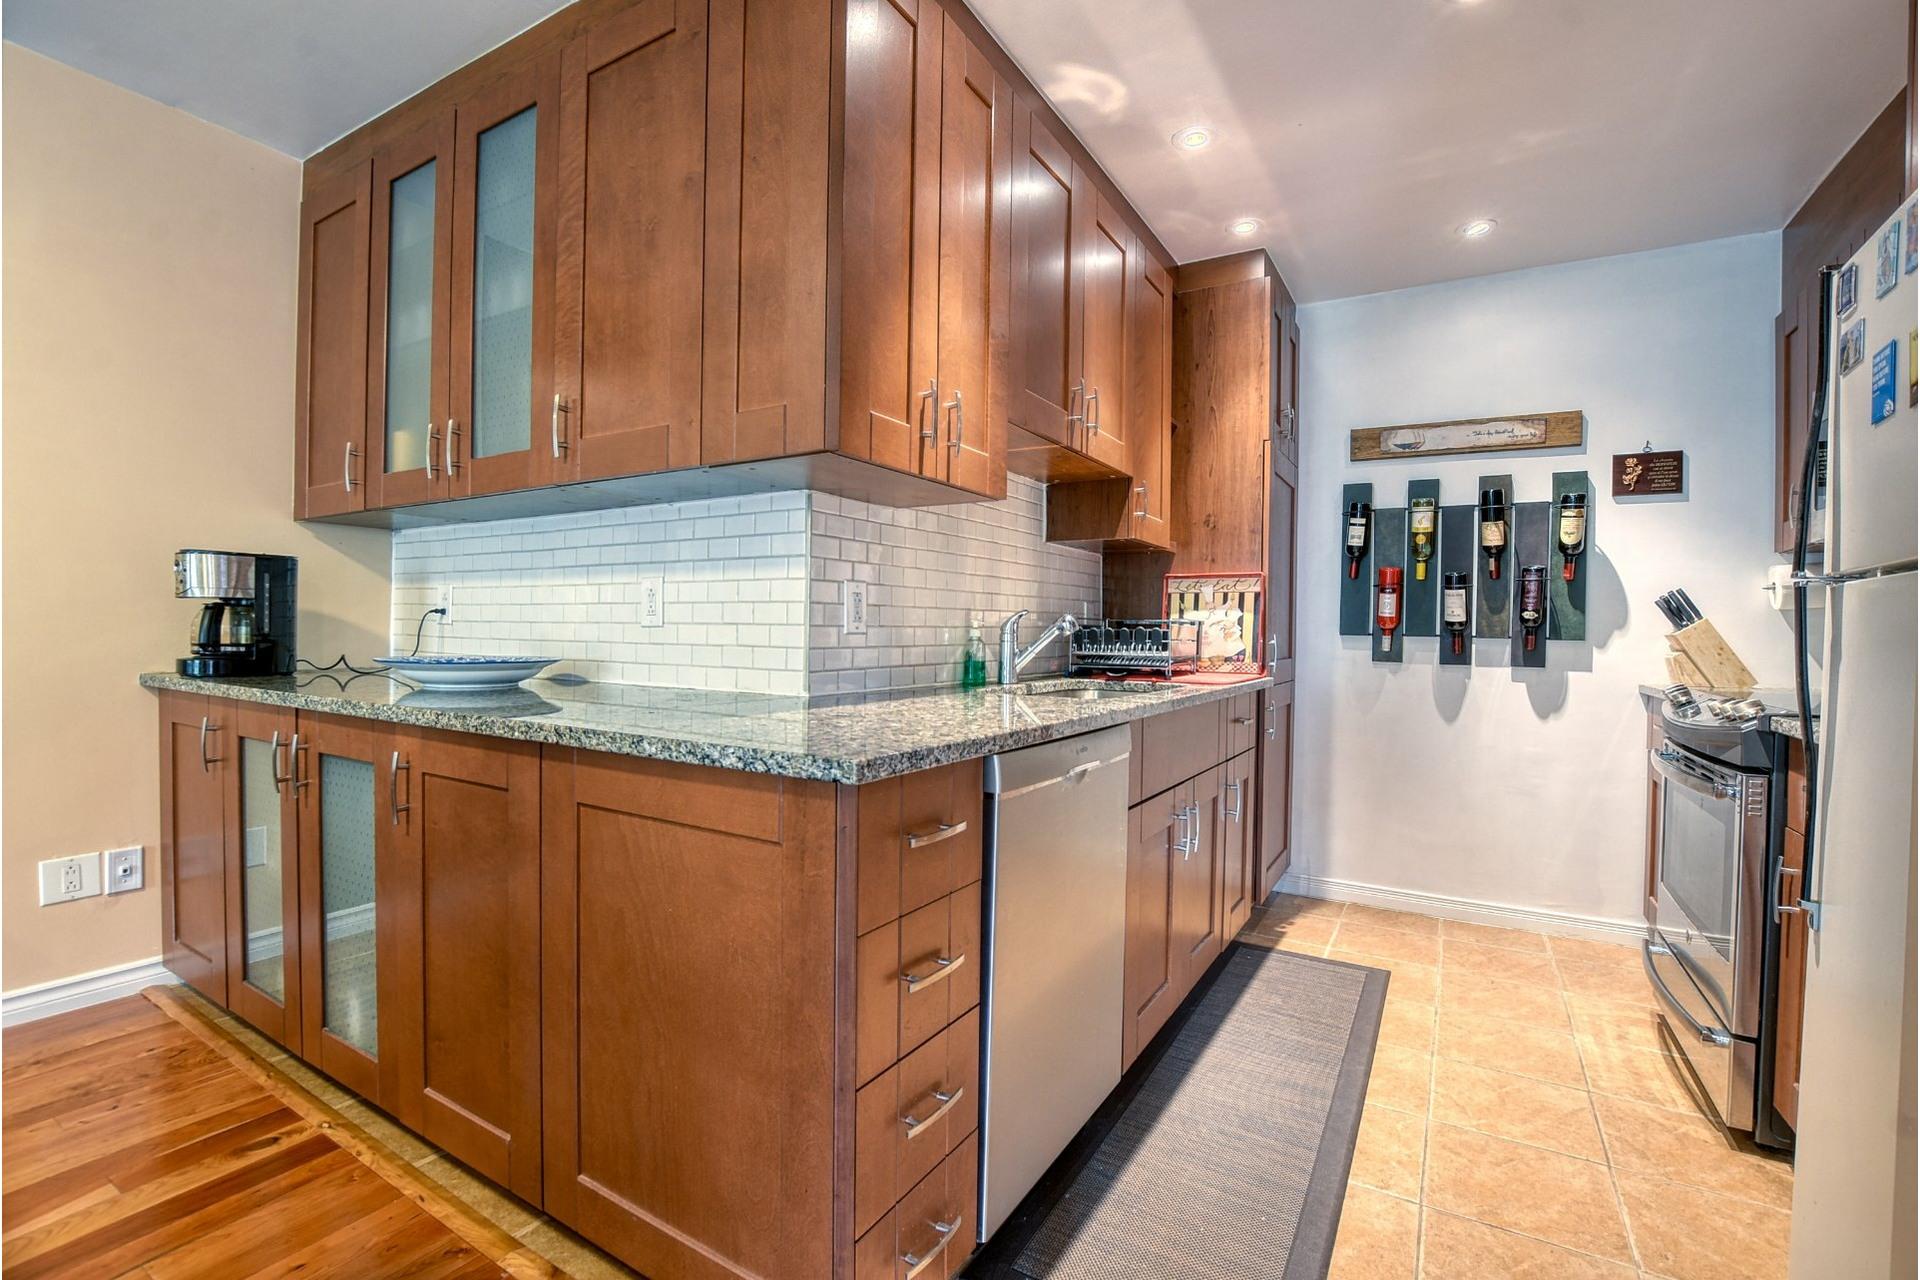 image 7 - Apartment For sale Le Plateau-Mont-Royal Montréal  - 5 rooms